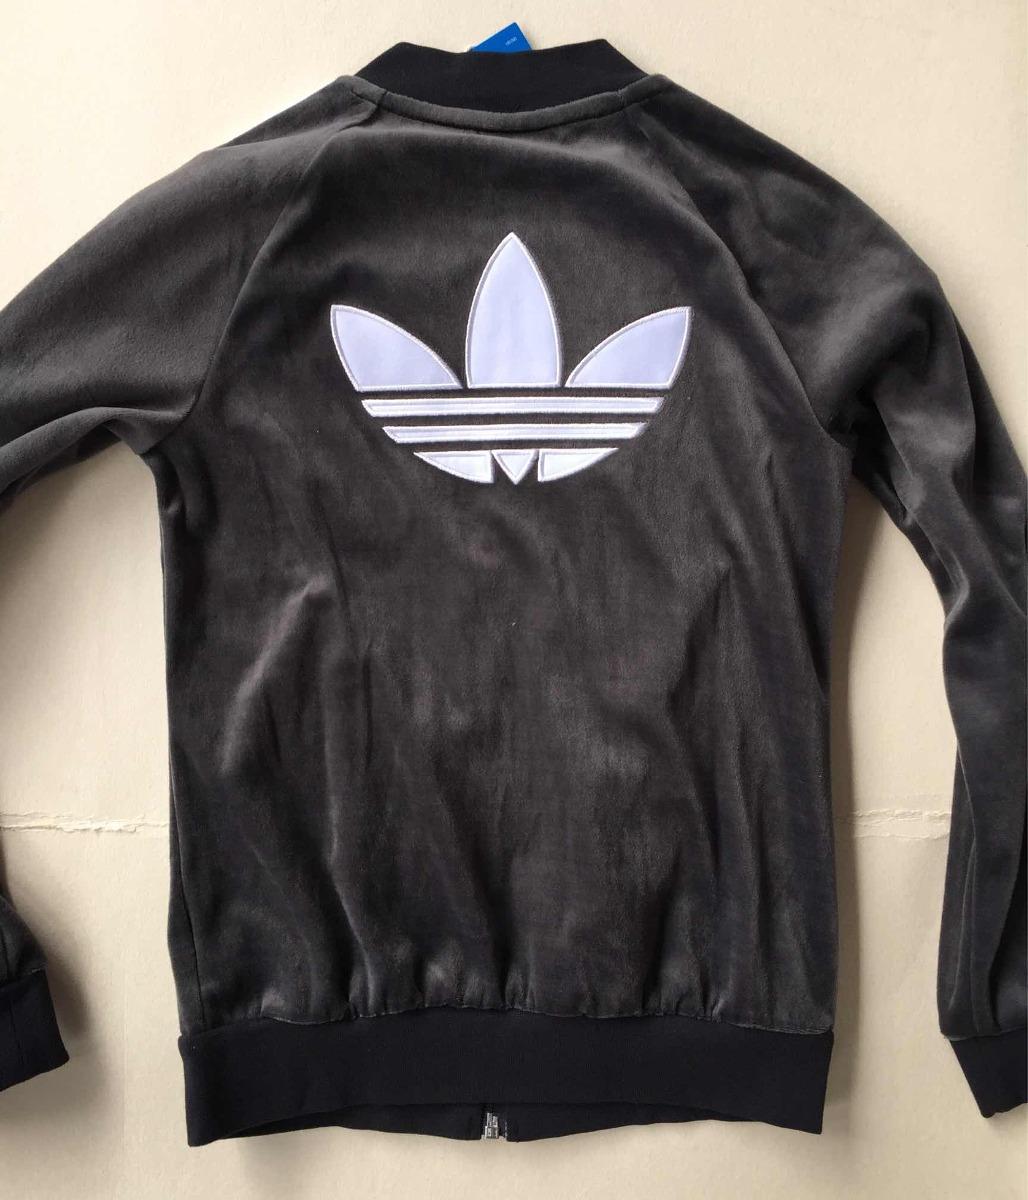 Años Adidas 125 Sudadera En Para Original 000 10 Talla Niño 8 nRB0O1R